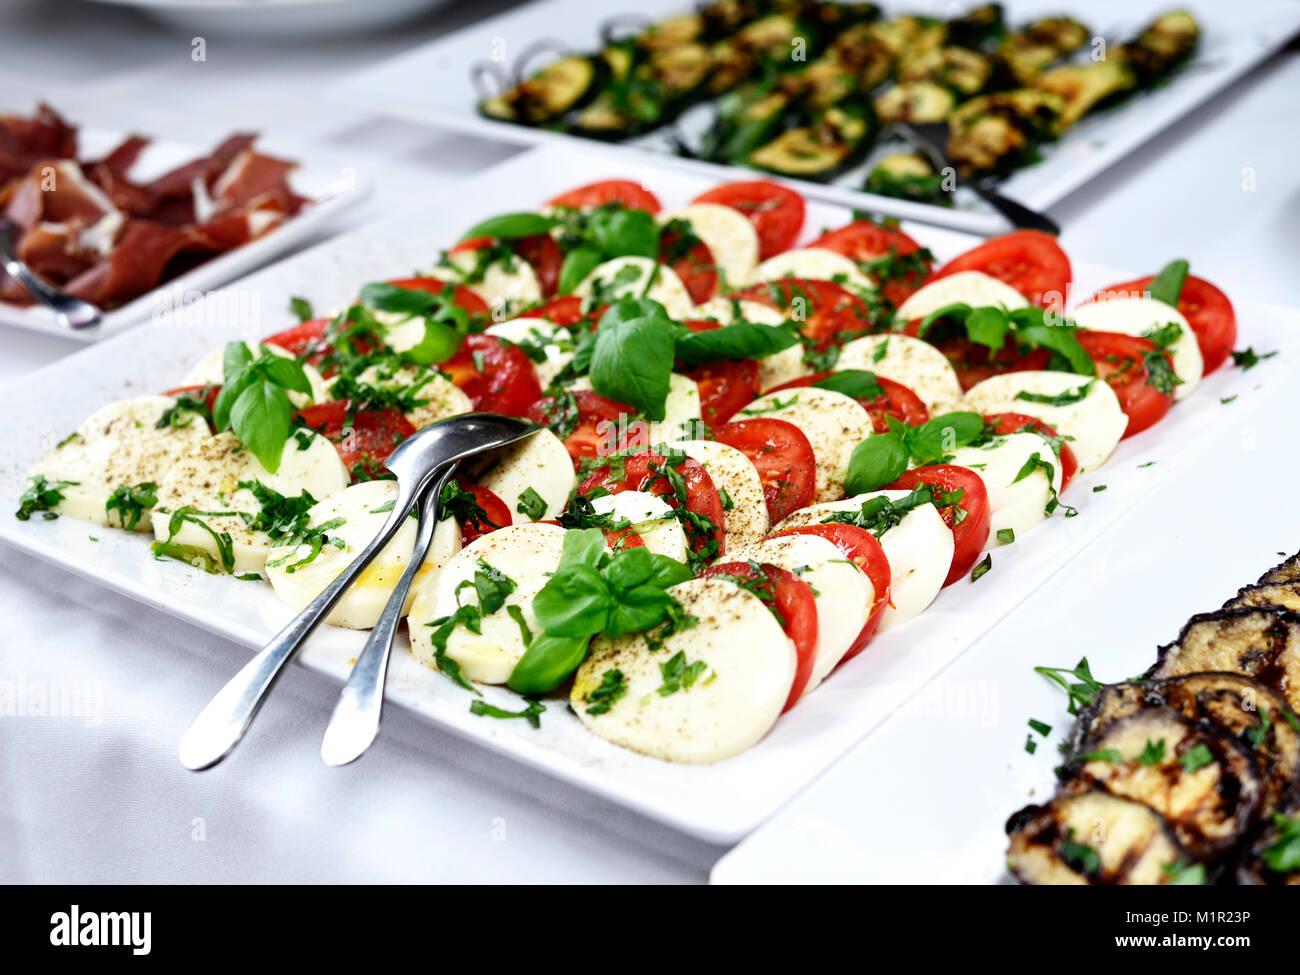 Buffet de Antipasti o banquete con tomate y mozzarella placa y hojas de albahaca fresca. Banquete de boda o fiesta Imagen De Stock